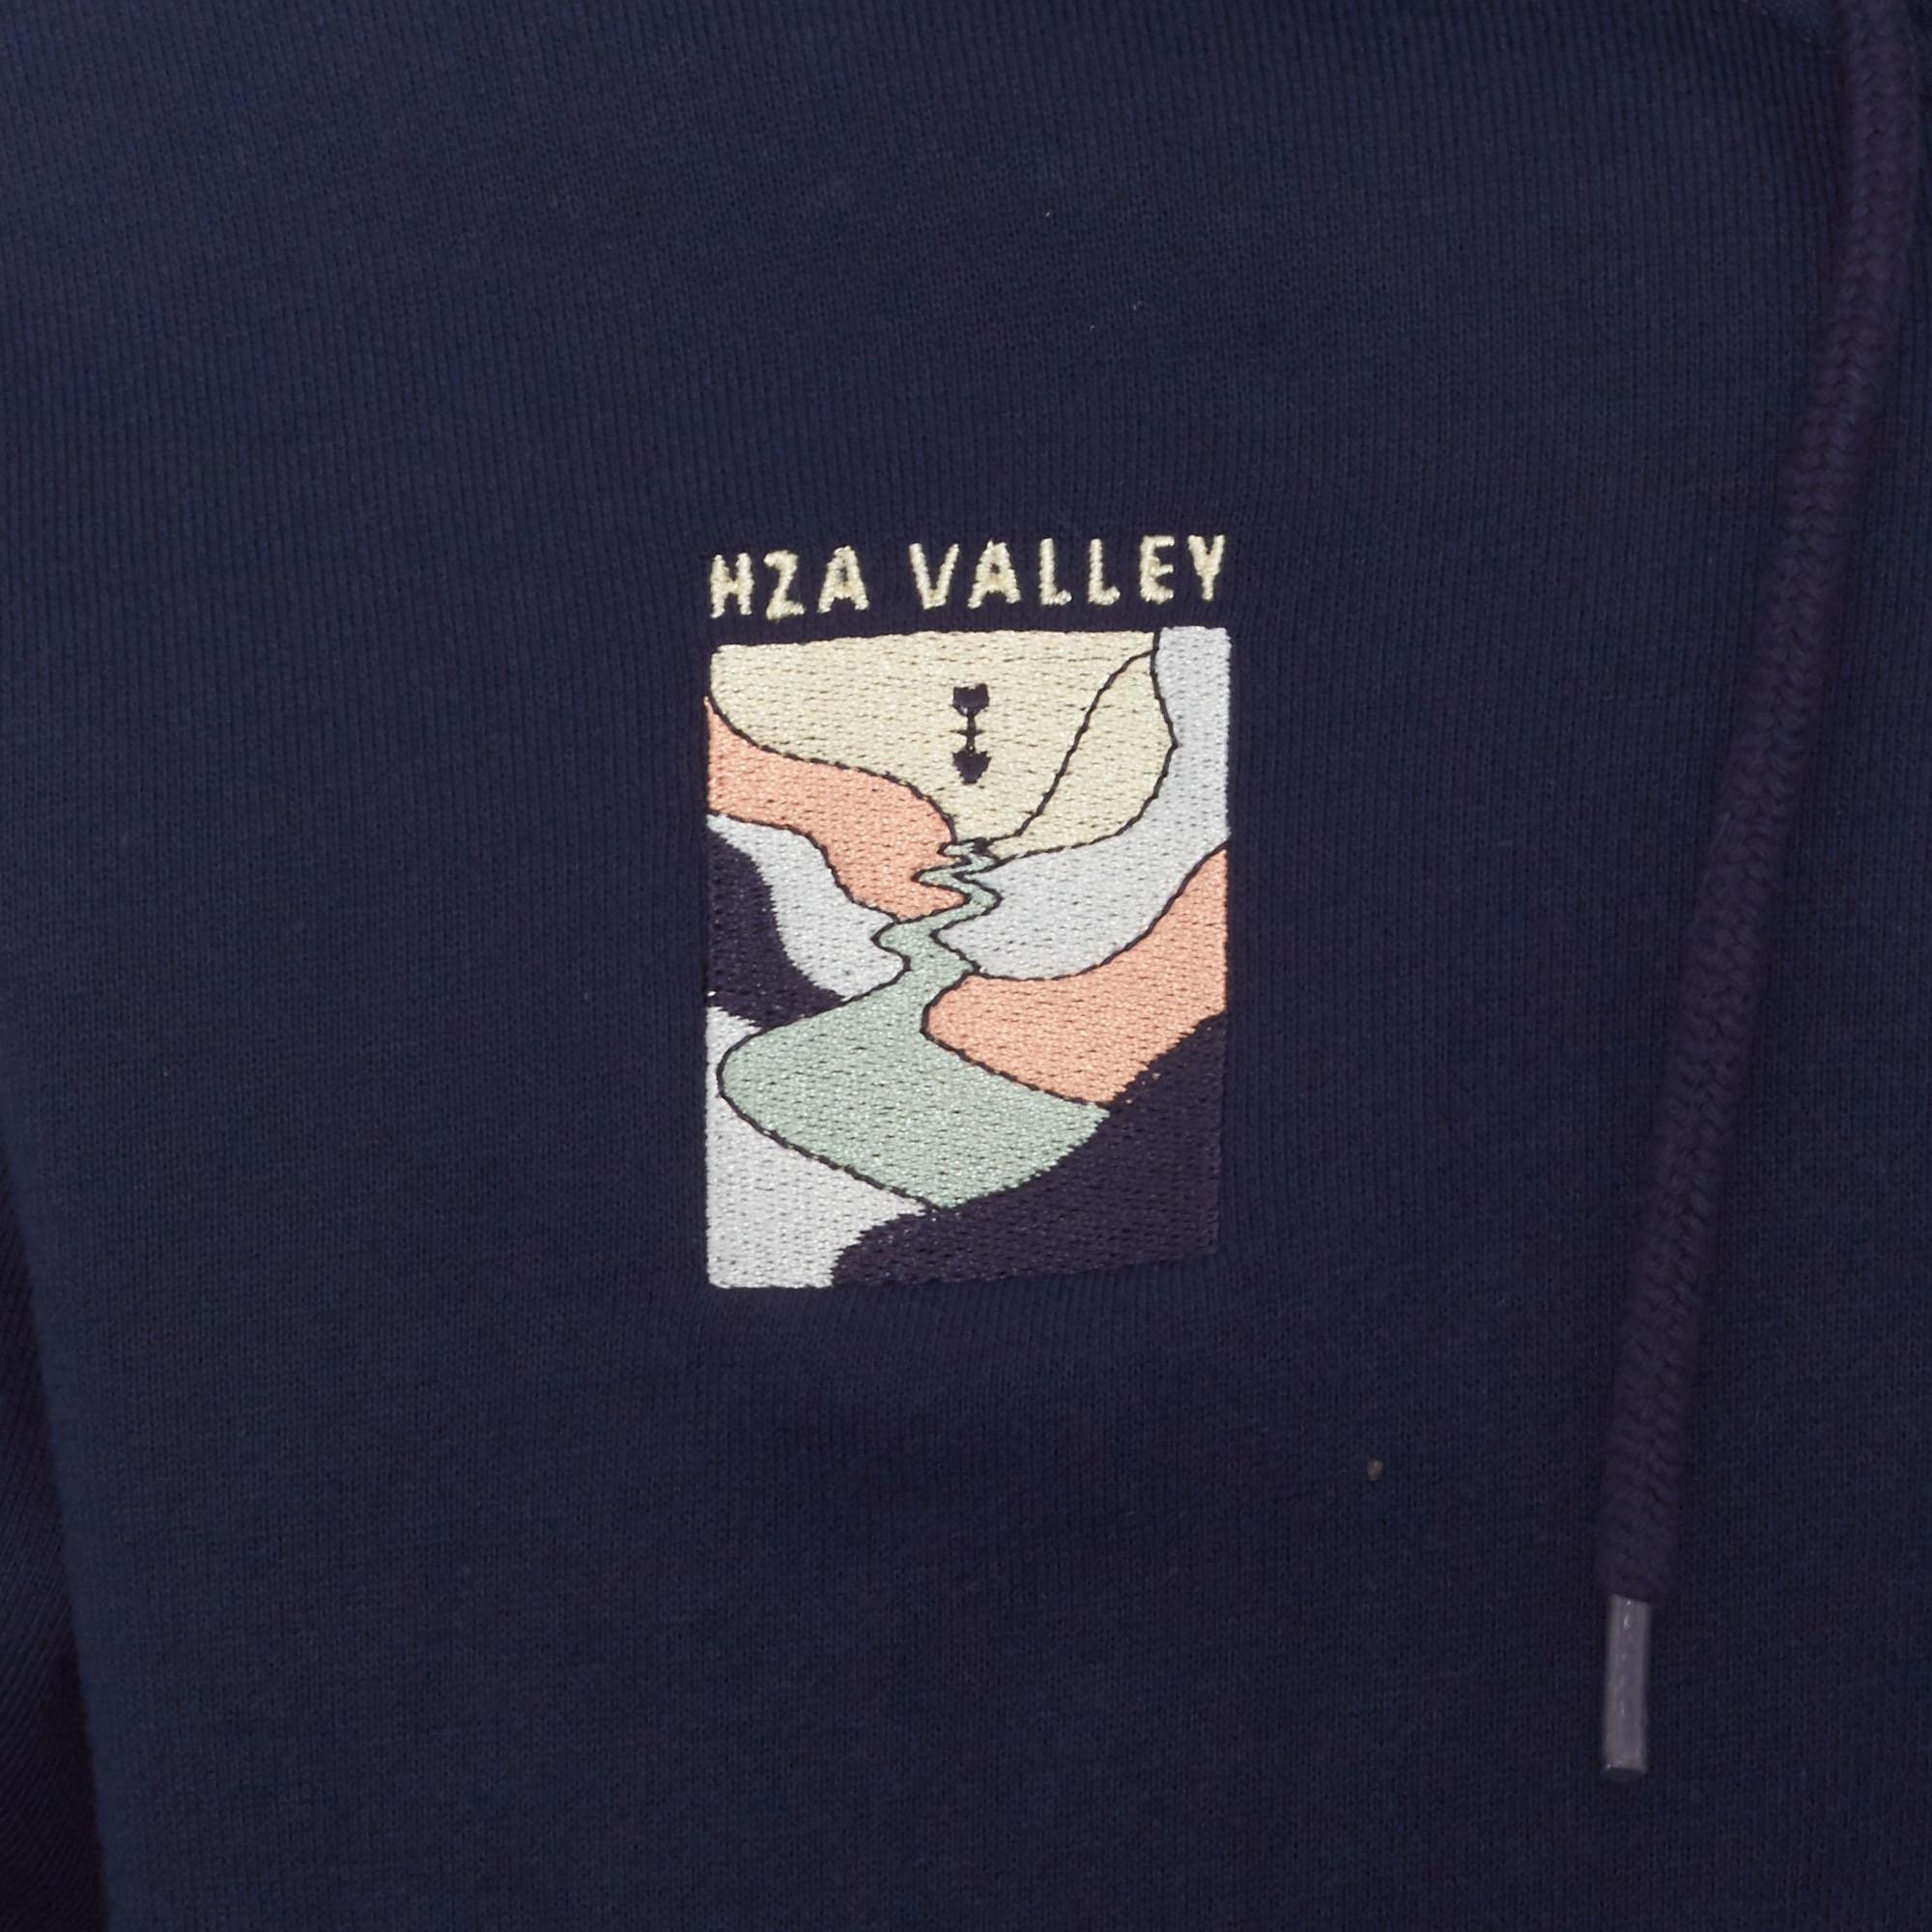 adidas Originals Navy Hza Valley Full Zip Hoodie in Blue for Men